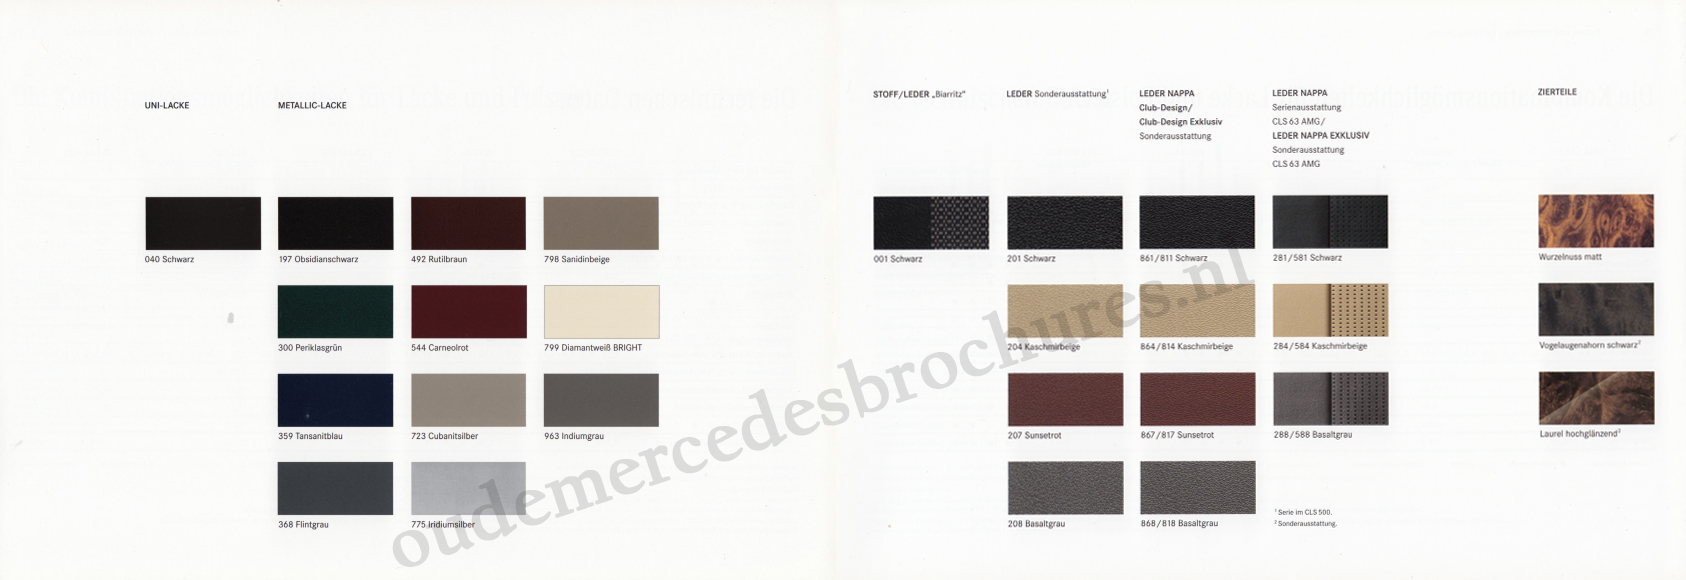 (C219): Catálogo 2008 - alemão 019